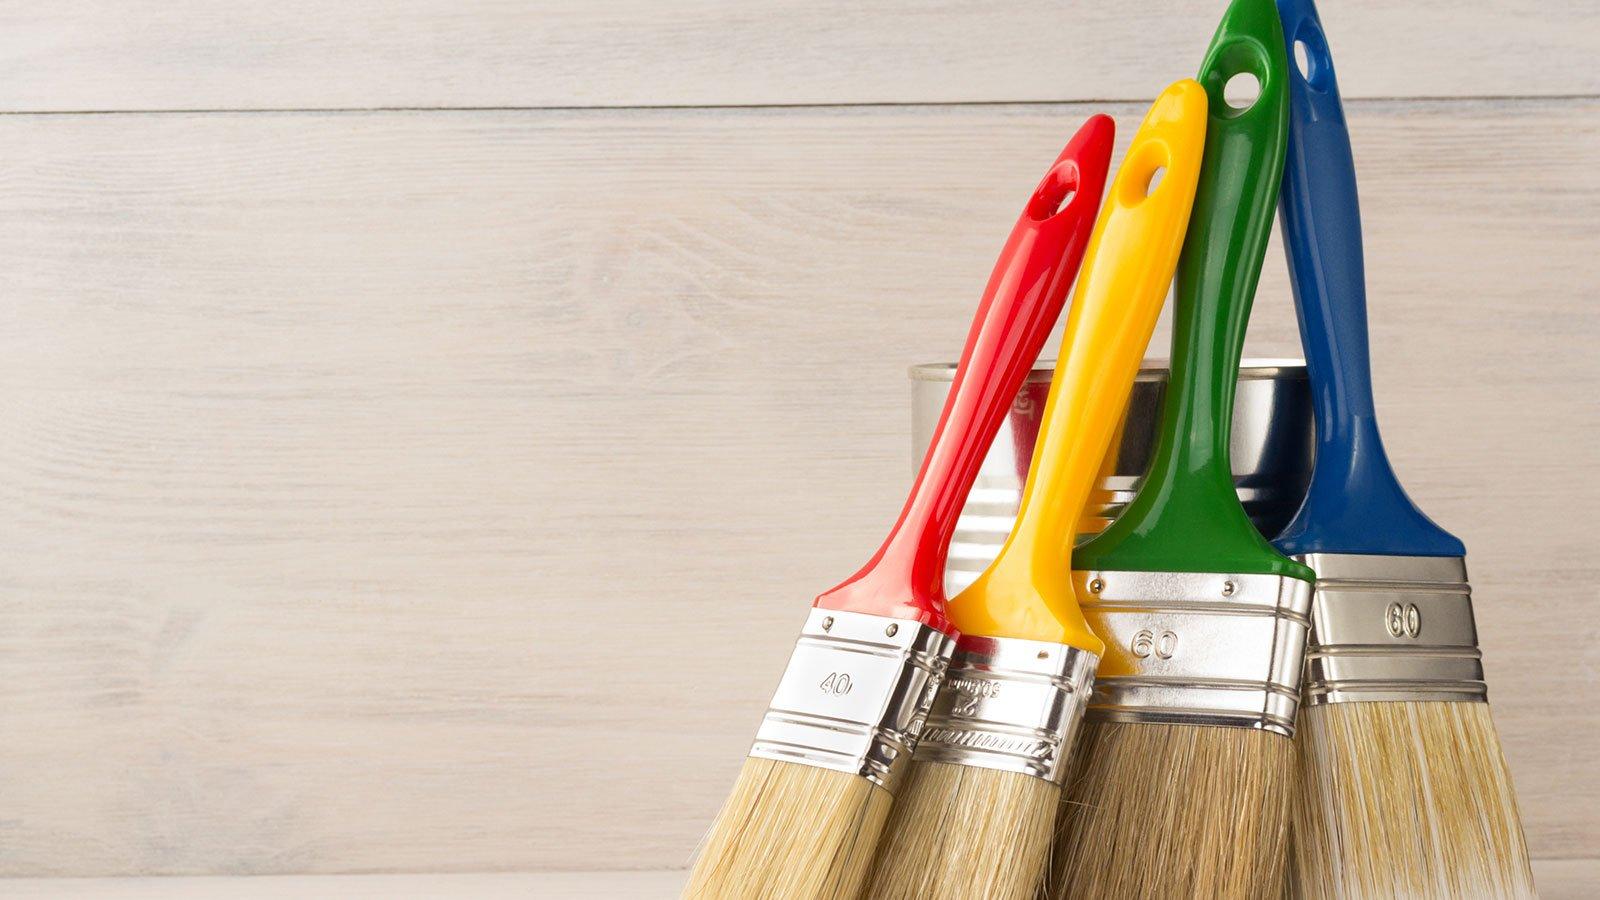 pennelli con manici di vari colori